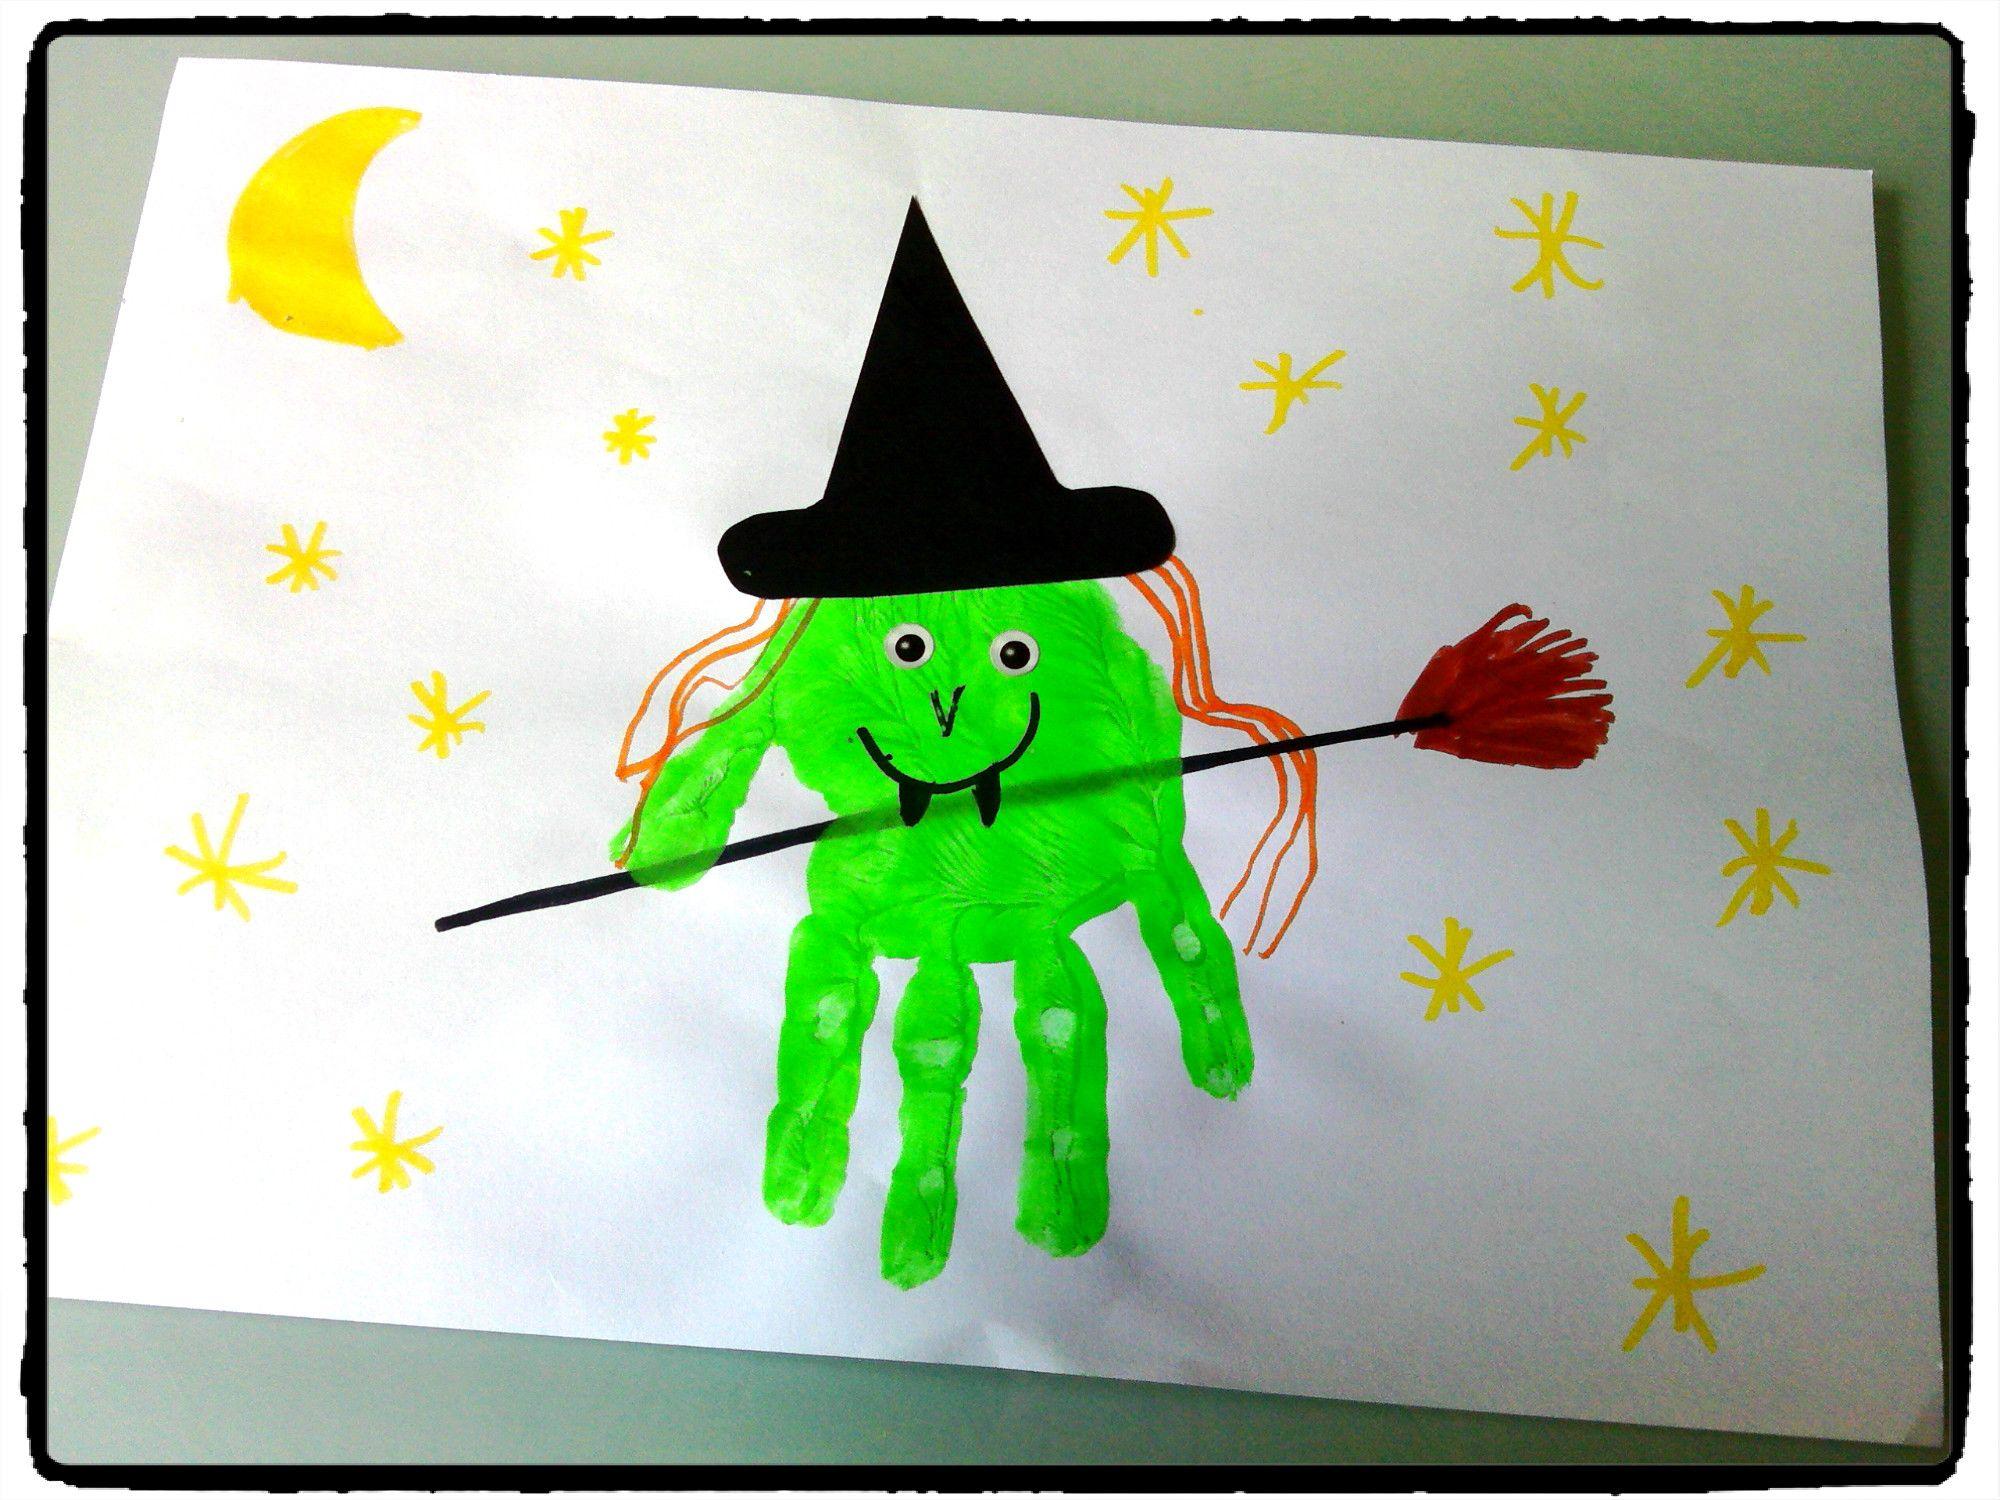 Bricolage De Sorciere D Halloween.Une Sorciere En Empreinte De Main Bricolages Halloween Halloween En Maternelle Activite Manuelle Halloween